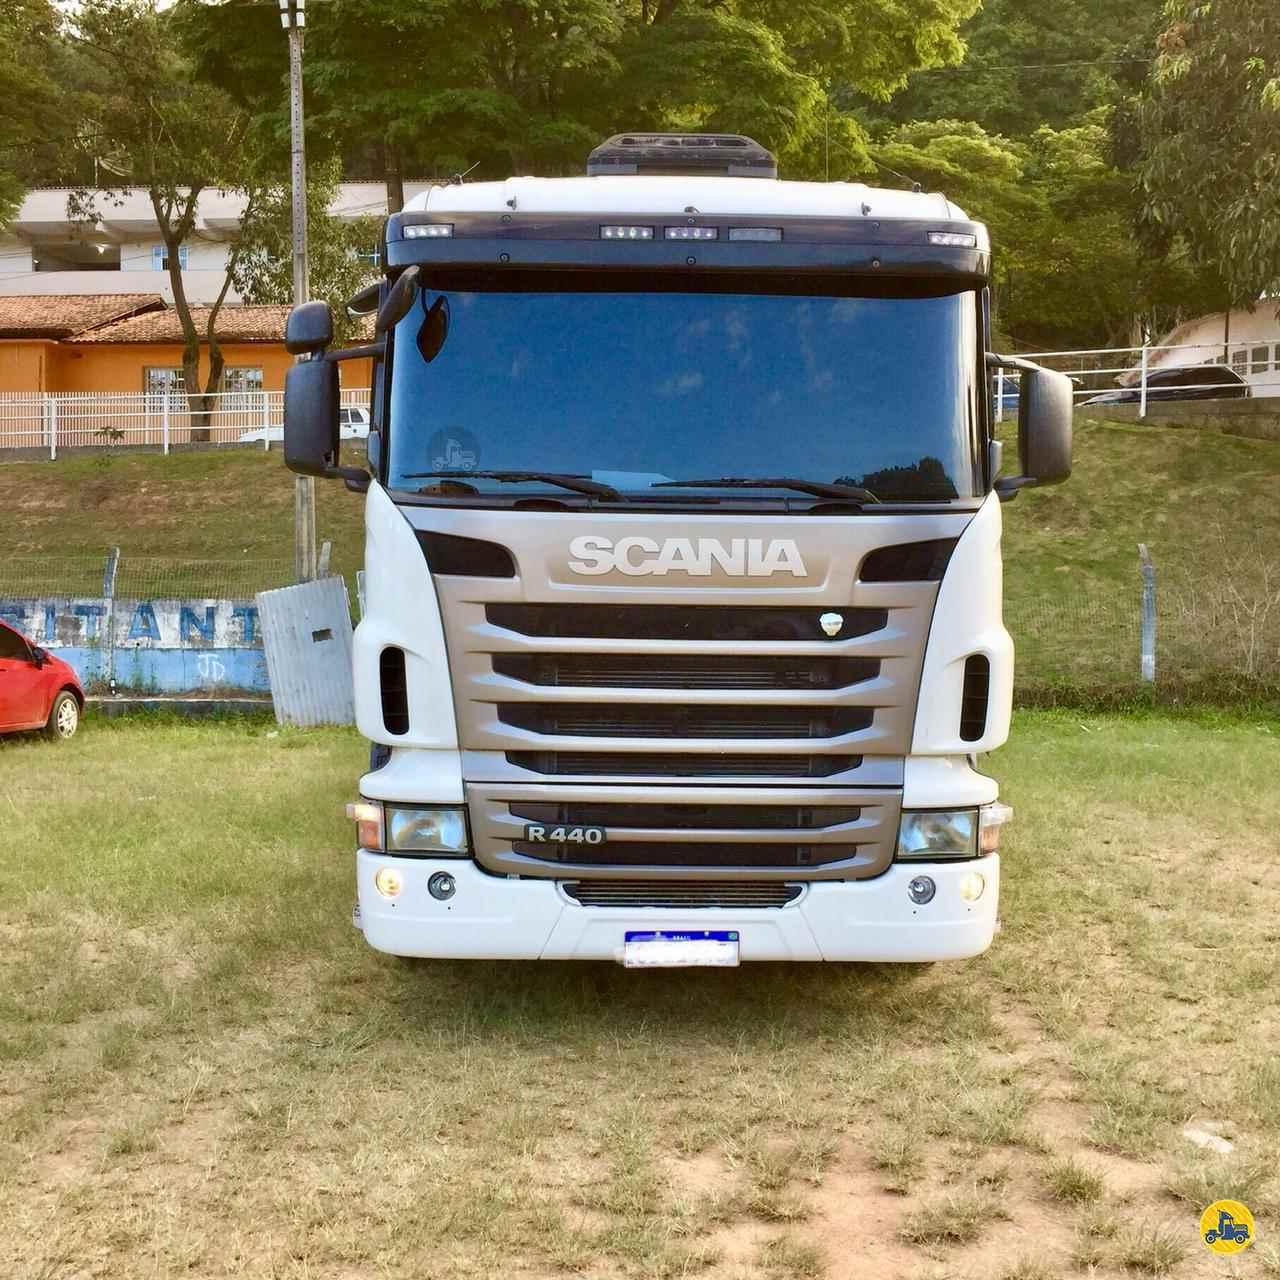 SCANIA 440 de Cotral Caminhões - SERRA DO SALITRE/MG